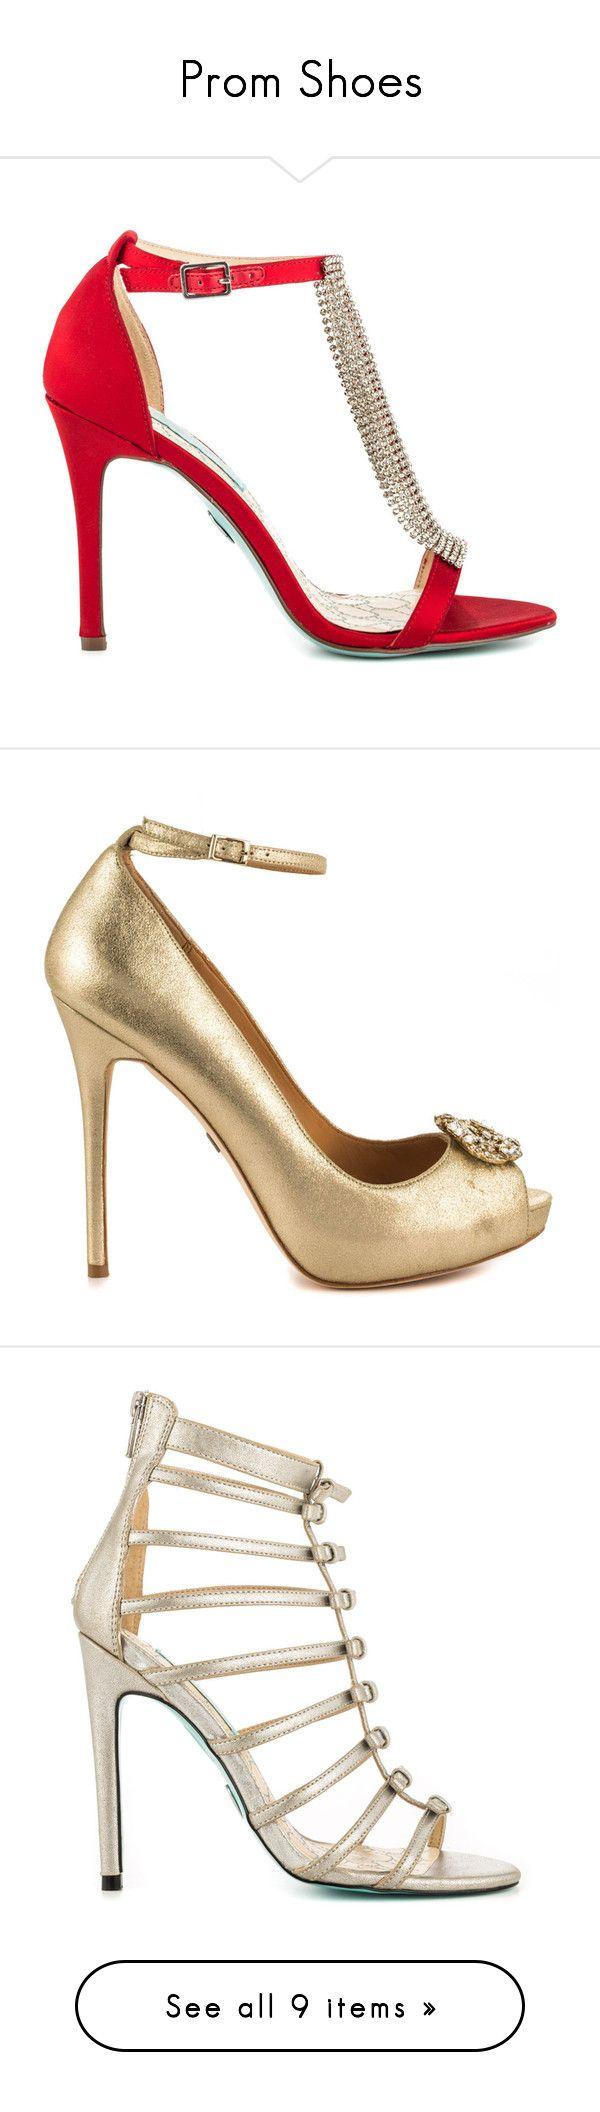 Red High Heel Stilettos Shoes